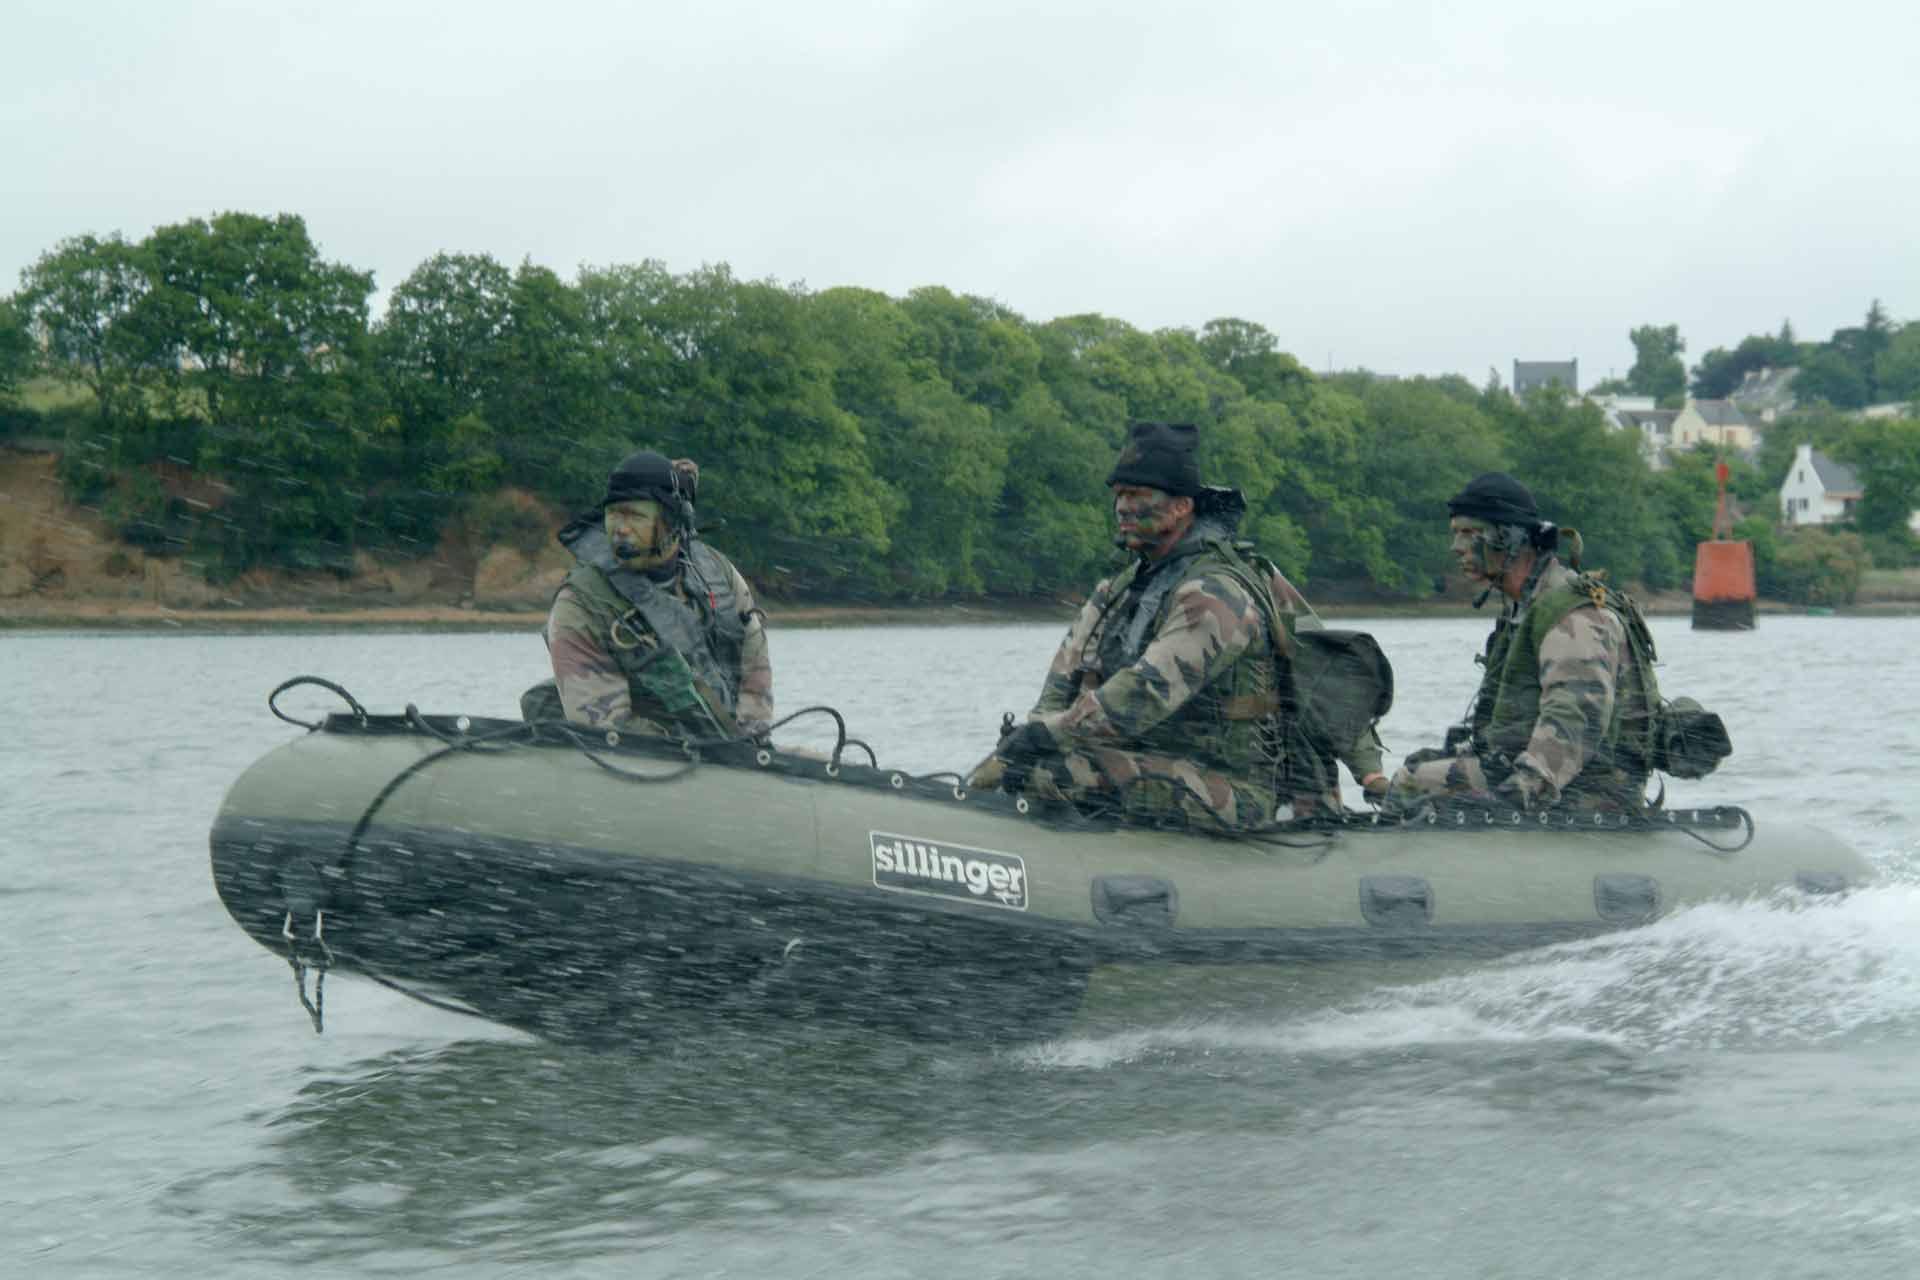 La gamme de bateaux pliables de Sillinger propose une résistance aux conditions extrêmes.